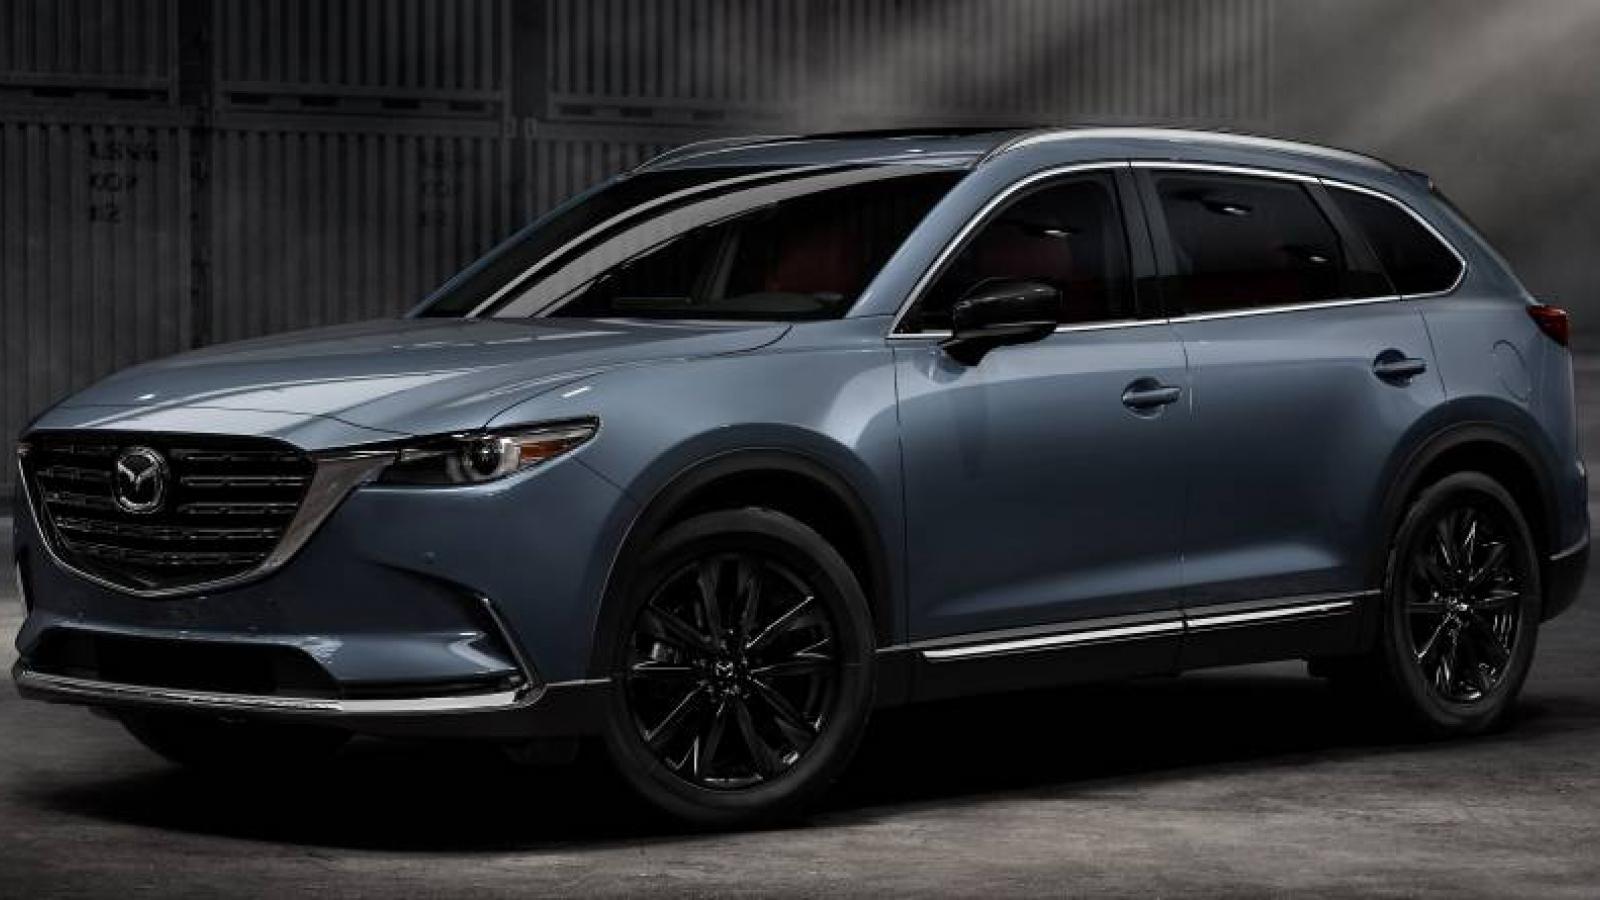 Mazda CX-9 2021 ra mắt với những nâng cấp mới về nội thất